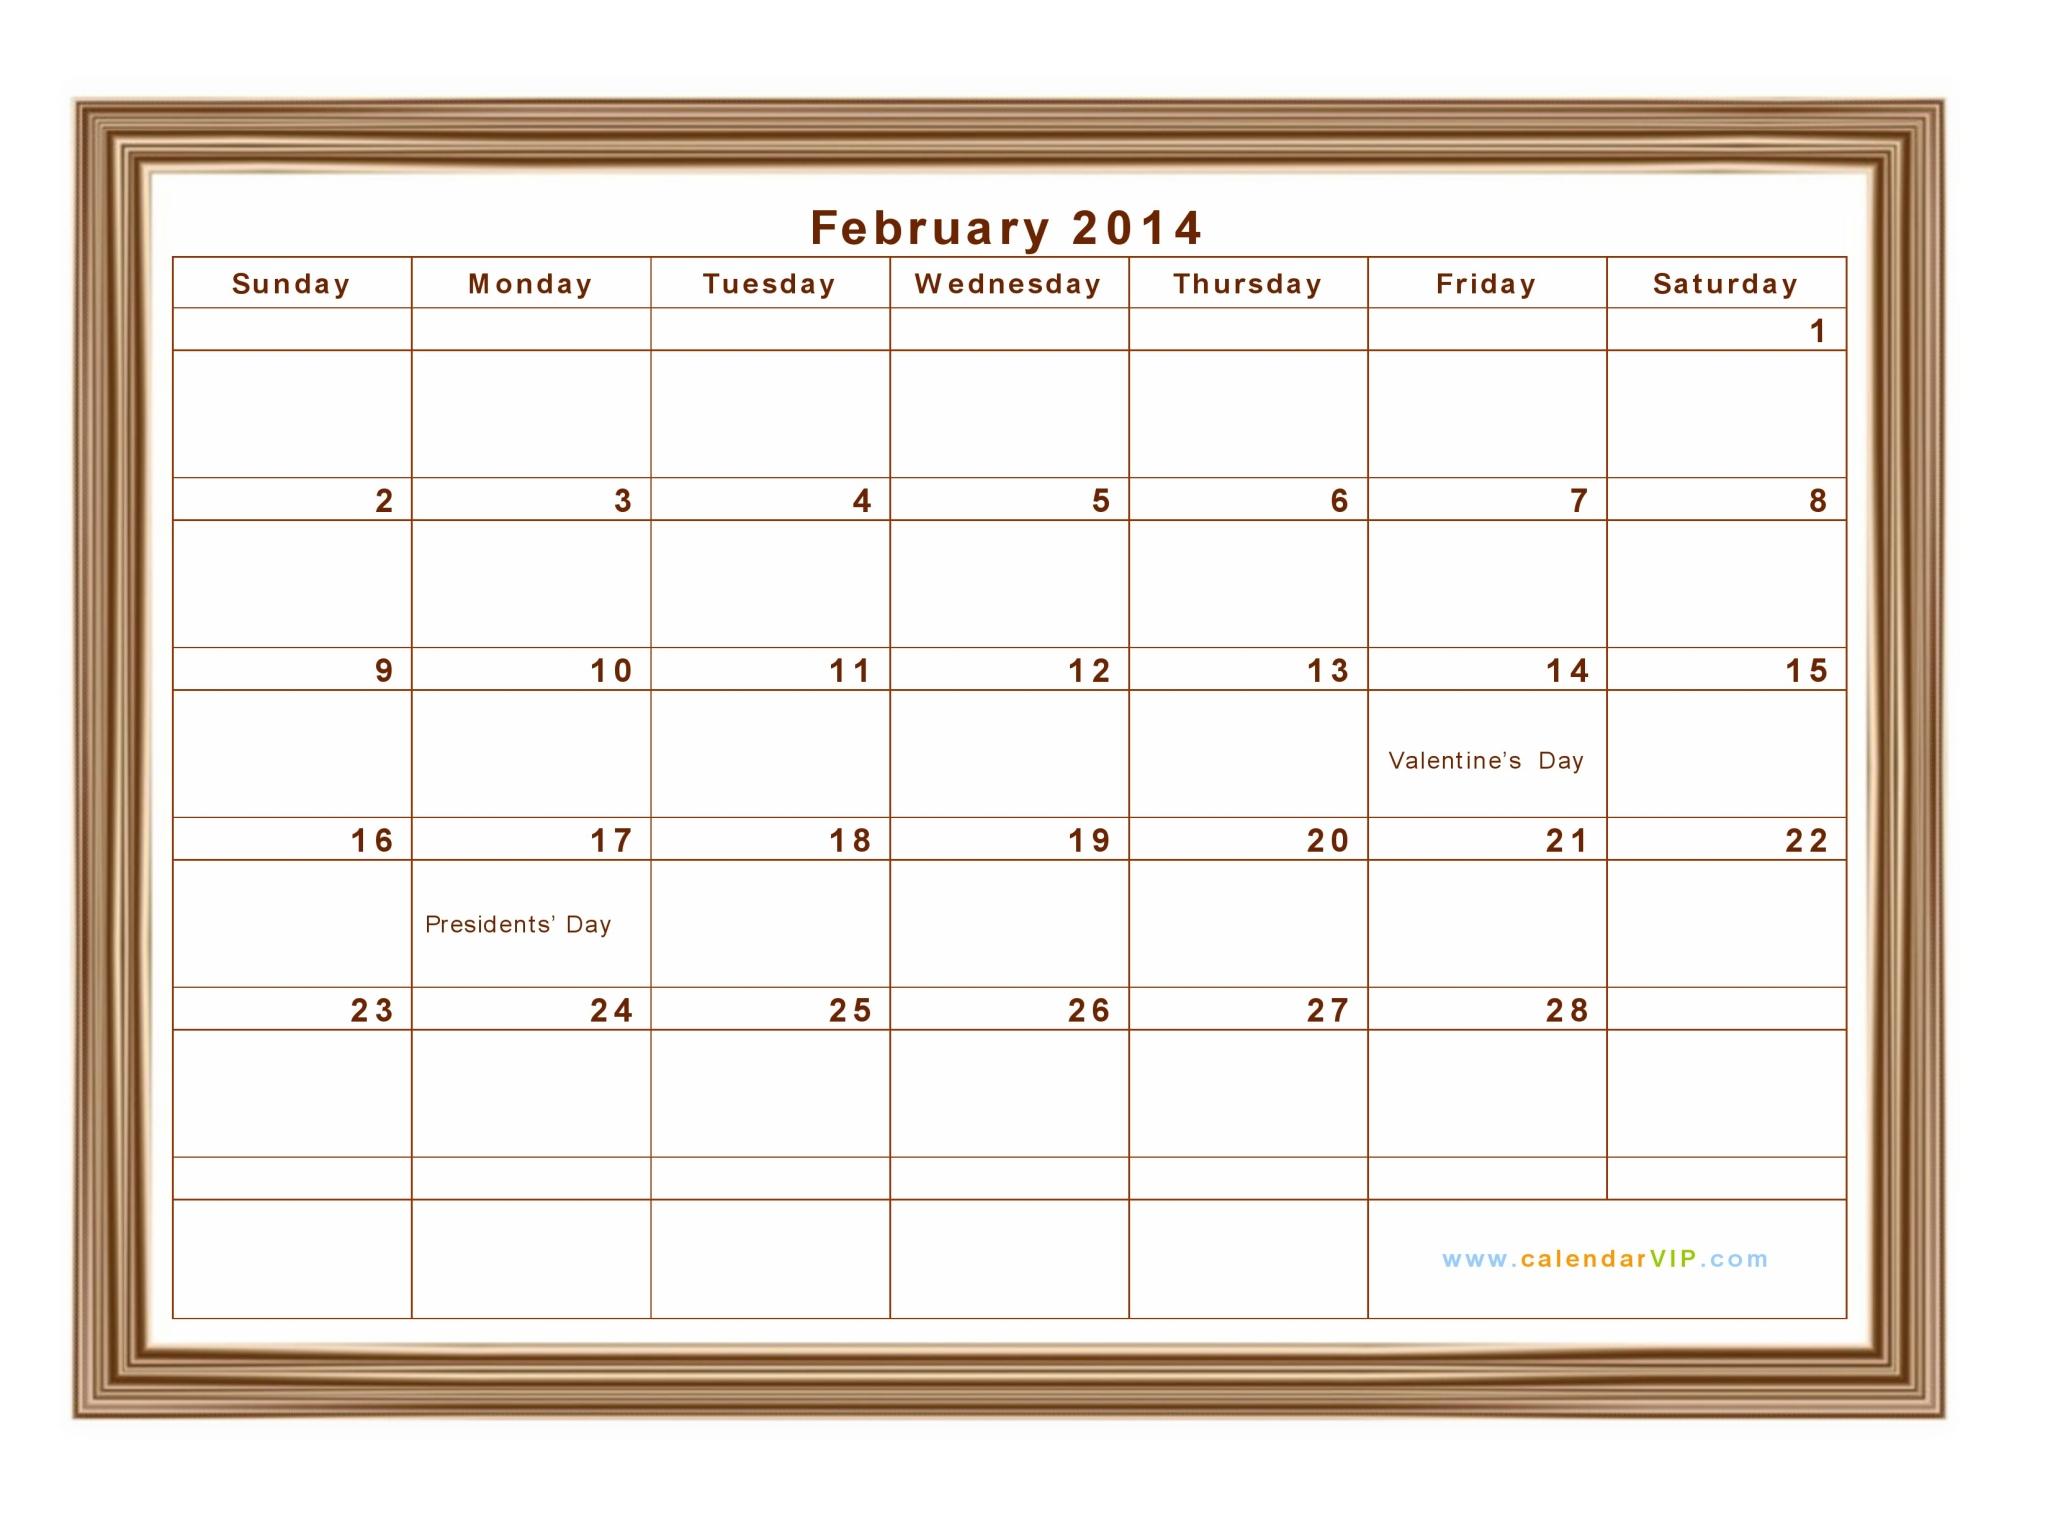 Calendar 2014 February Holidays February 2014 calendar - blank